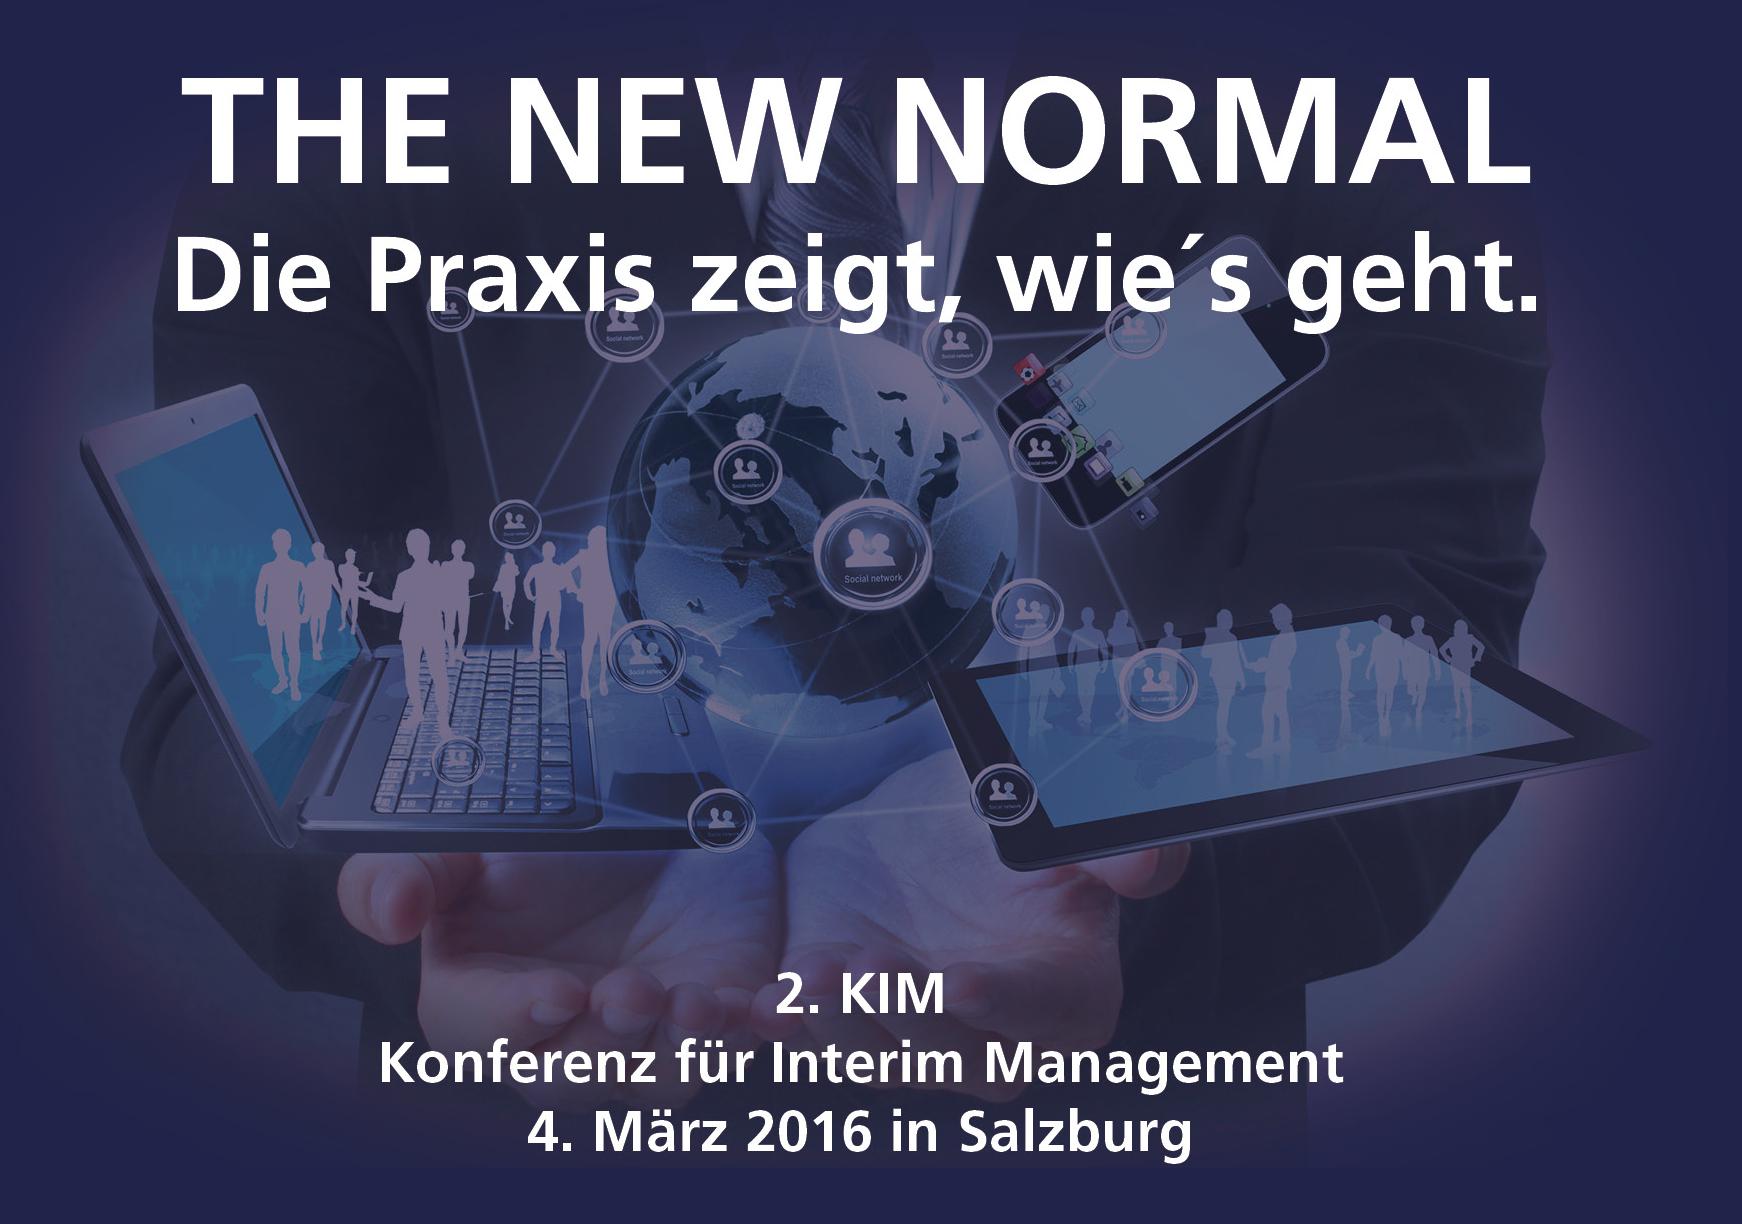 2. KIM - Konferenz für Interim Management - klein